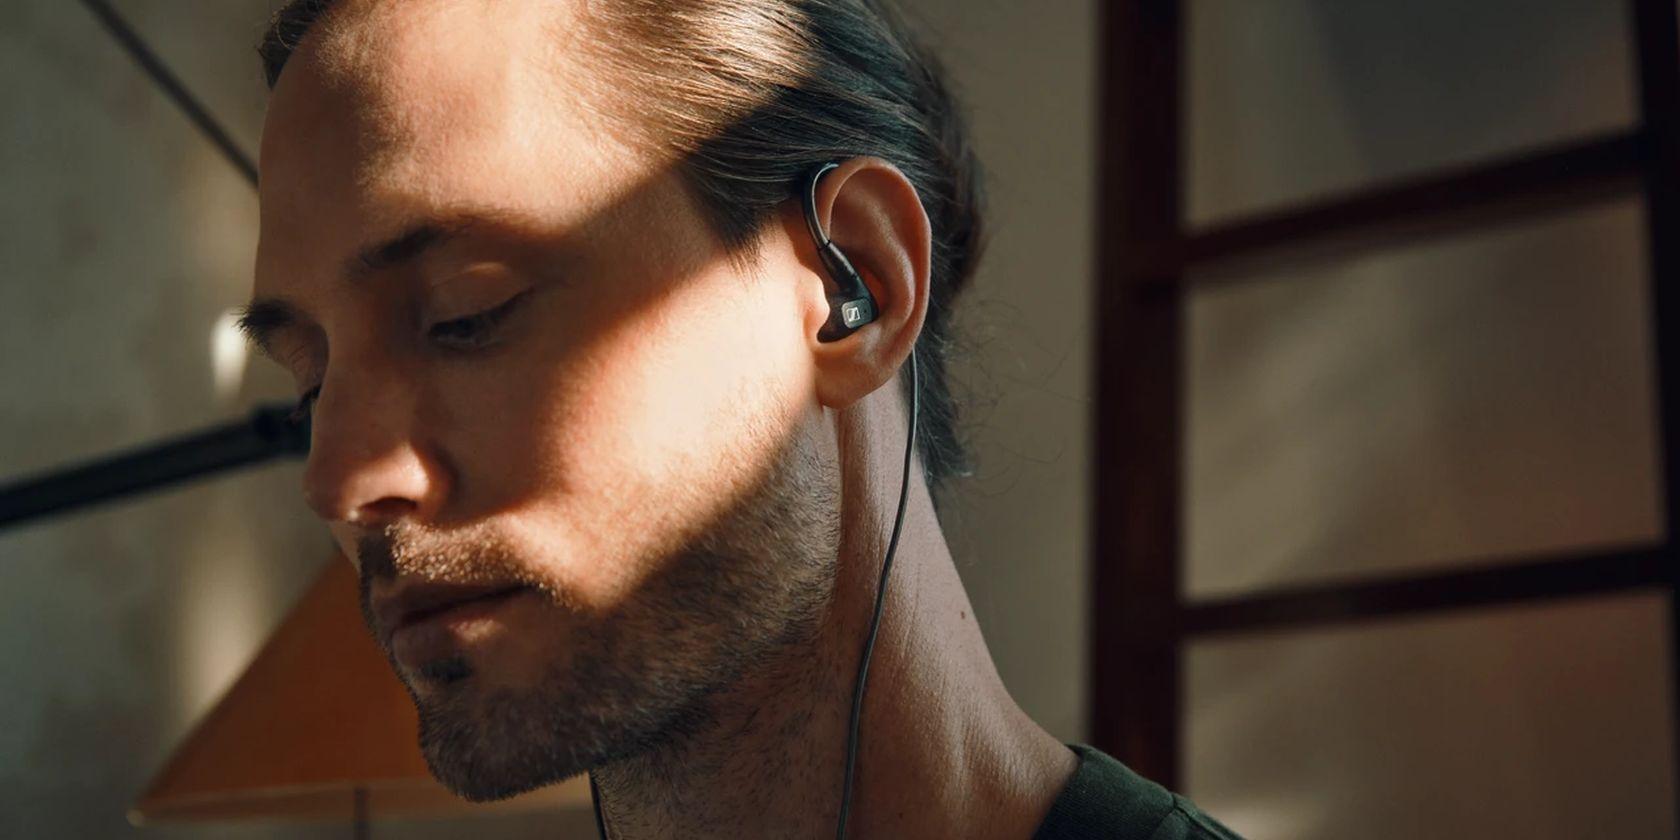 Sennheiser Teases Premium High-Fidelity In-Ear Headphones